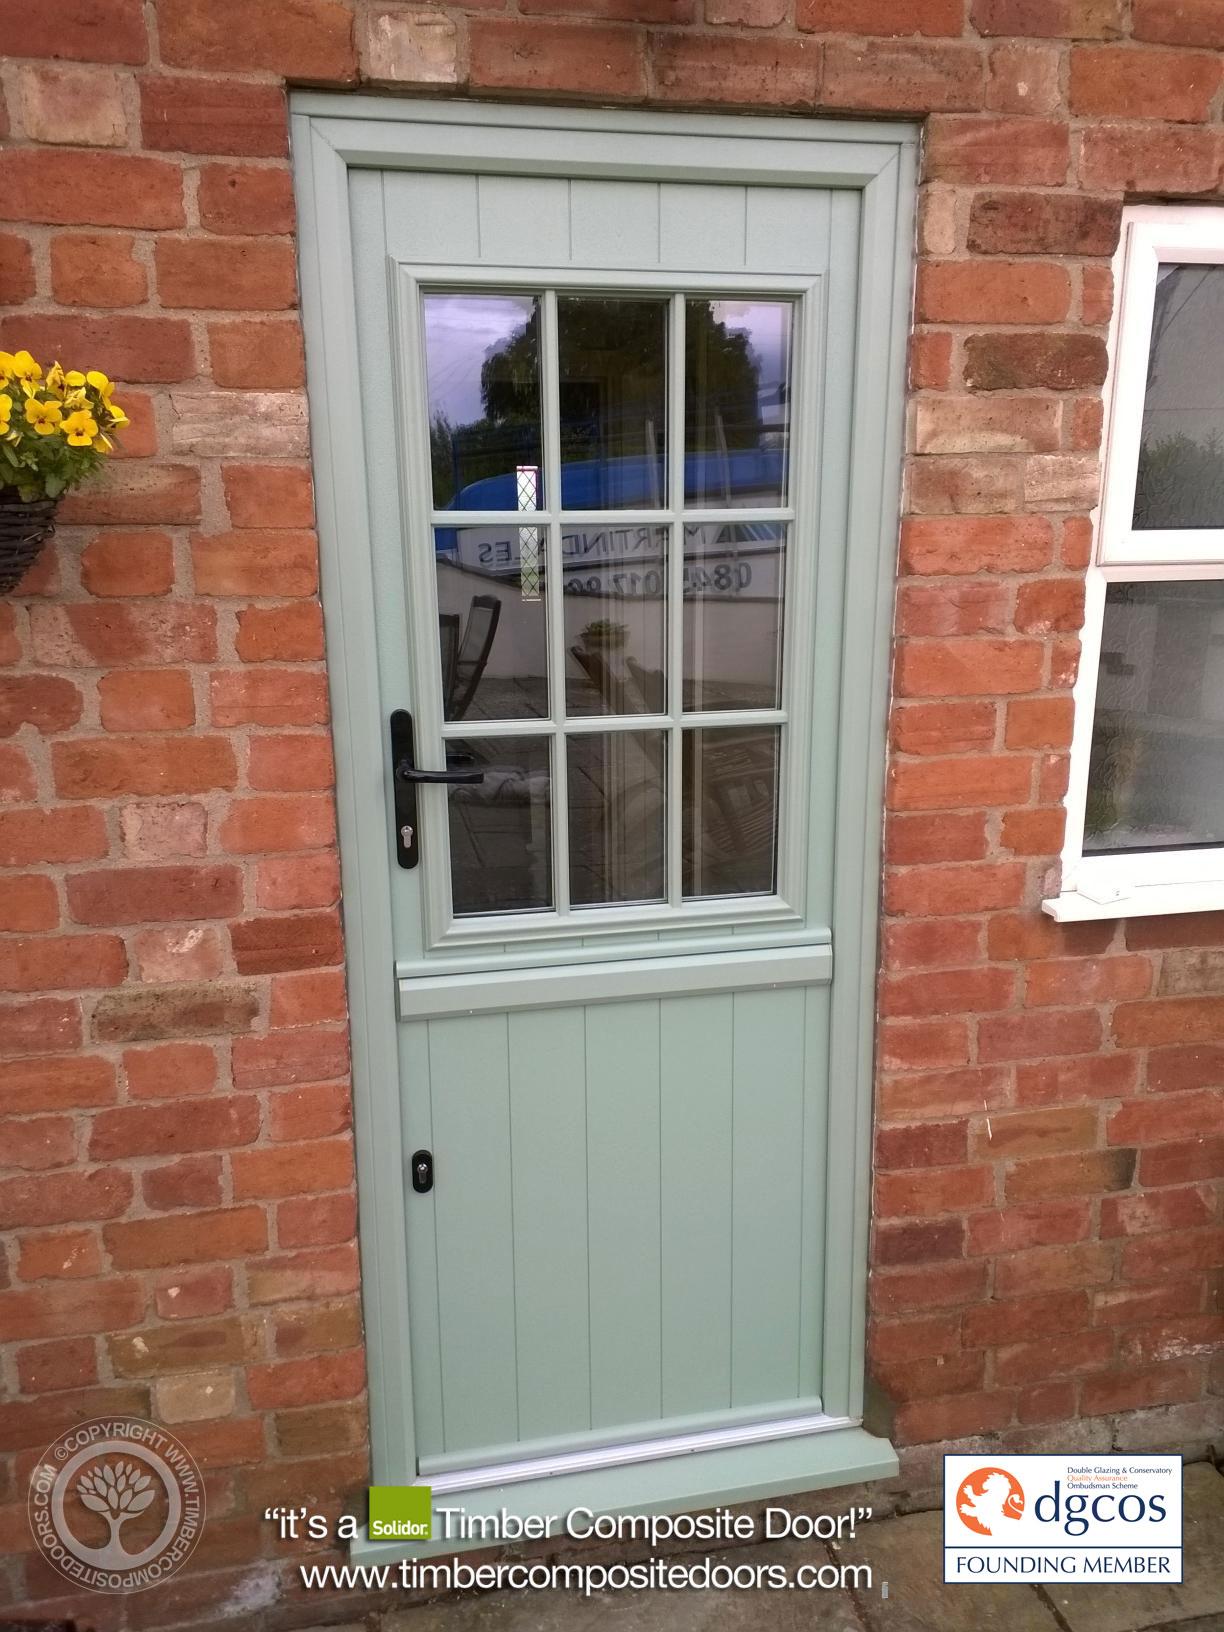 Stable Door Security No Probs Timber Composite Doors Blog